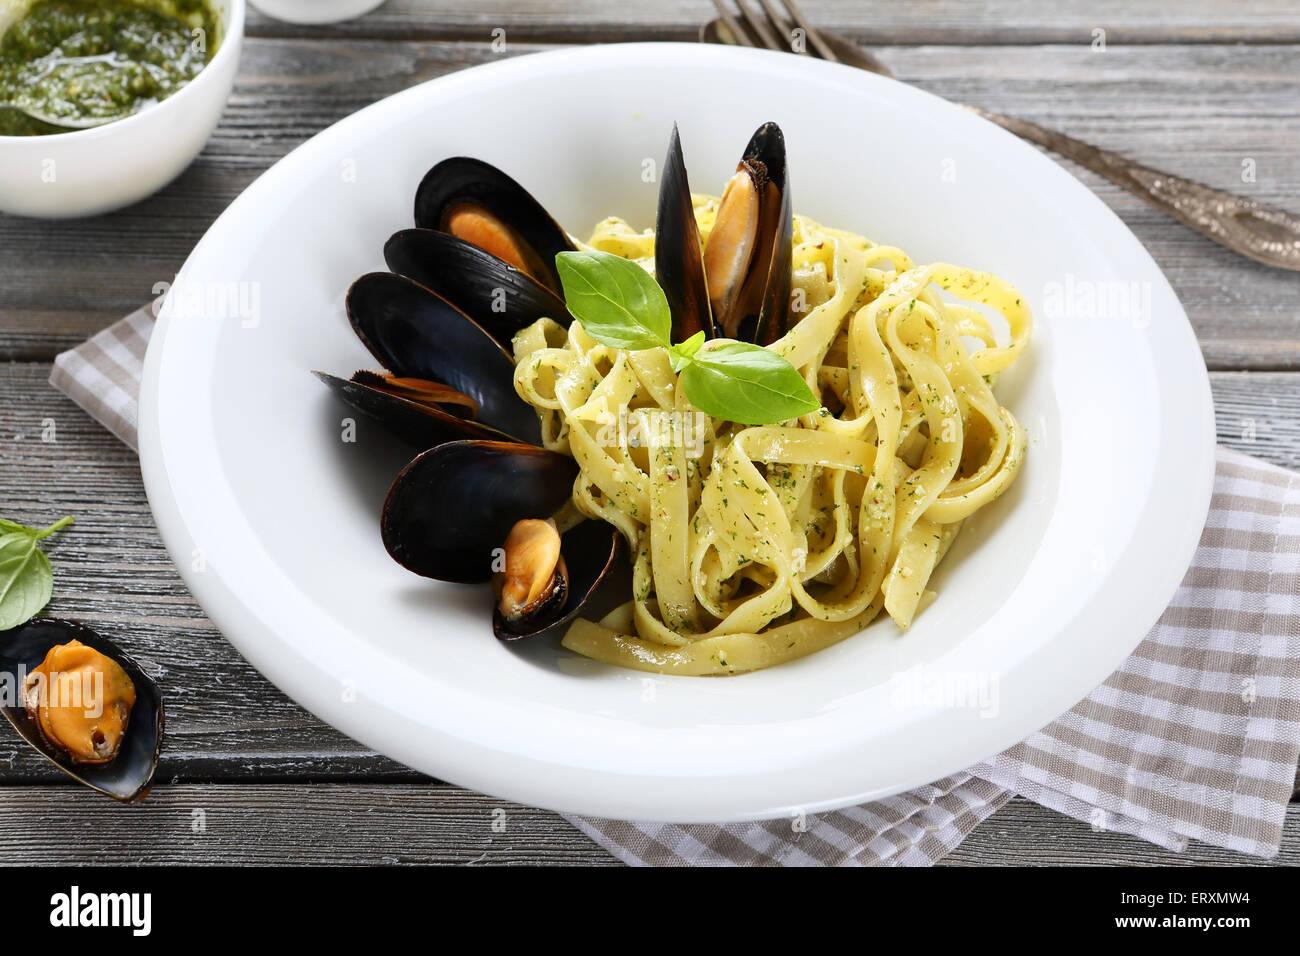 Pasta con pesce fresco, prodotti alimentari Immagini Stock